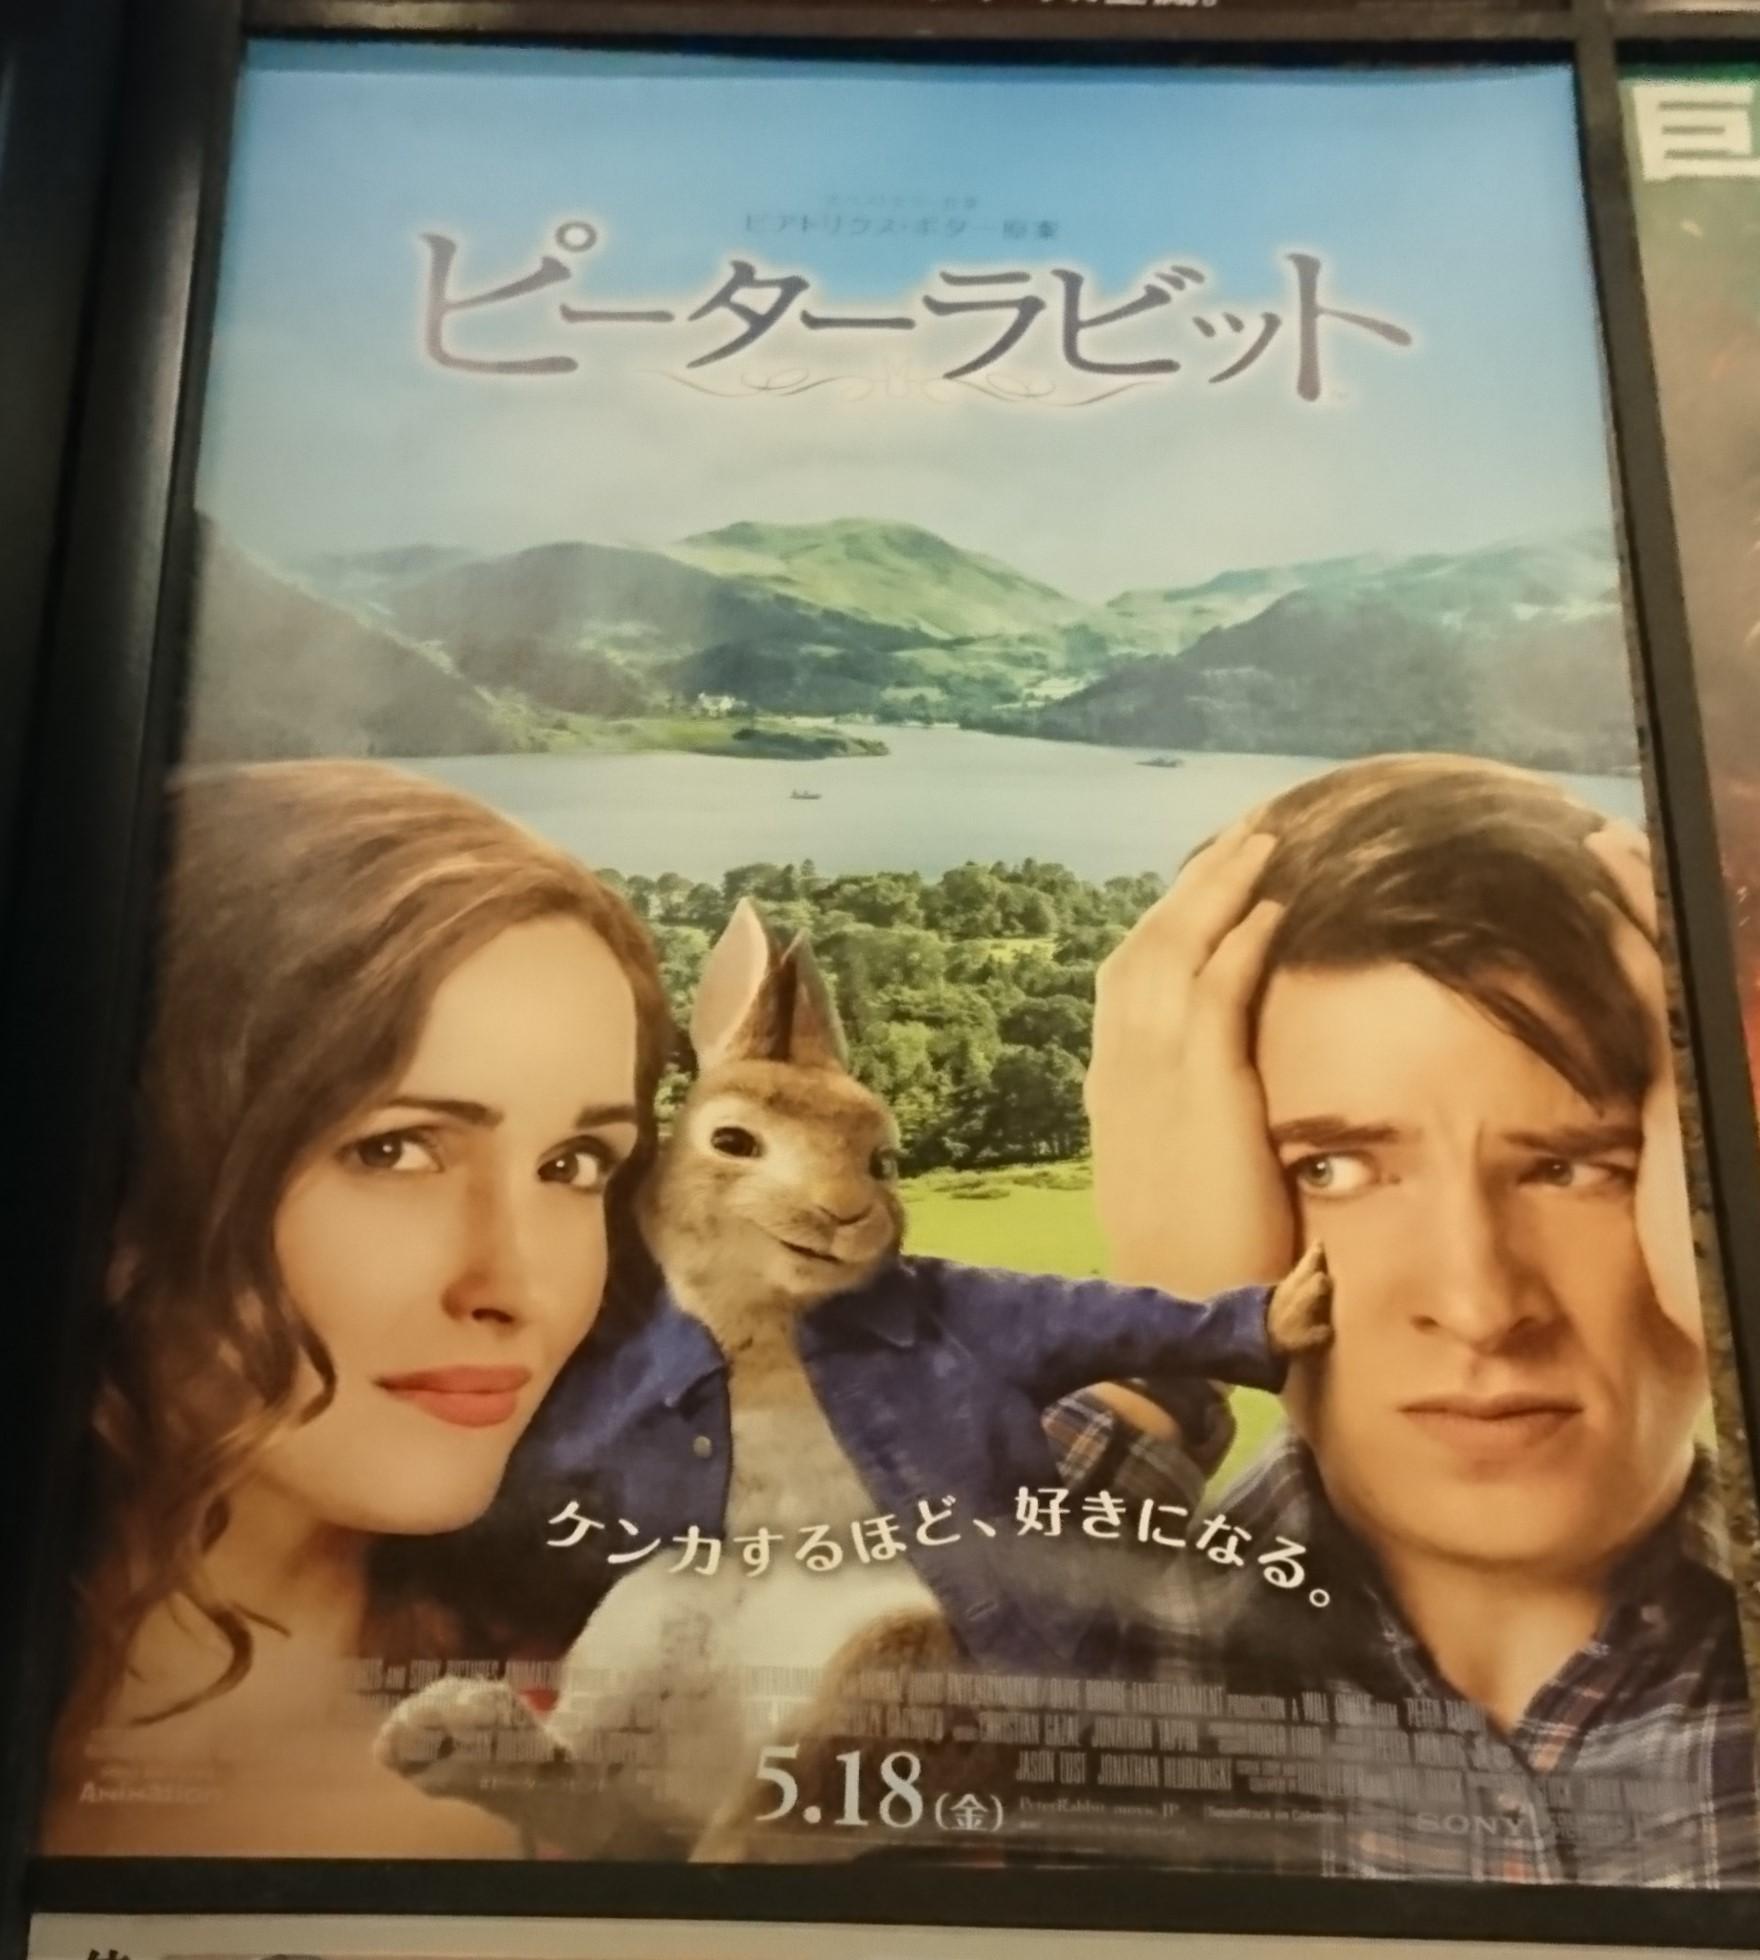 最近みた映画「ピーターラビット」、韓国映画「タクシー運転手」_f0337357_15554748.jpg